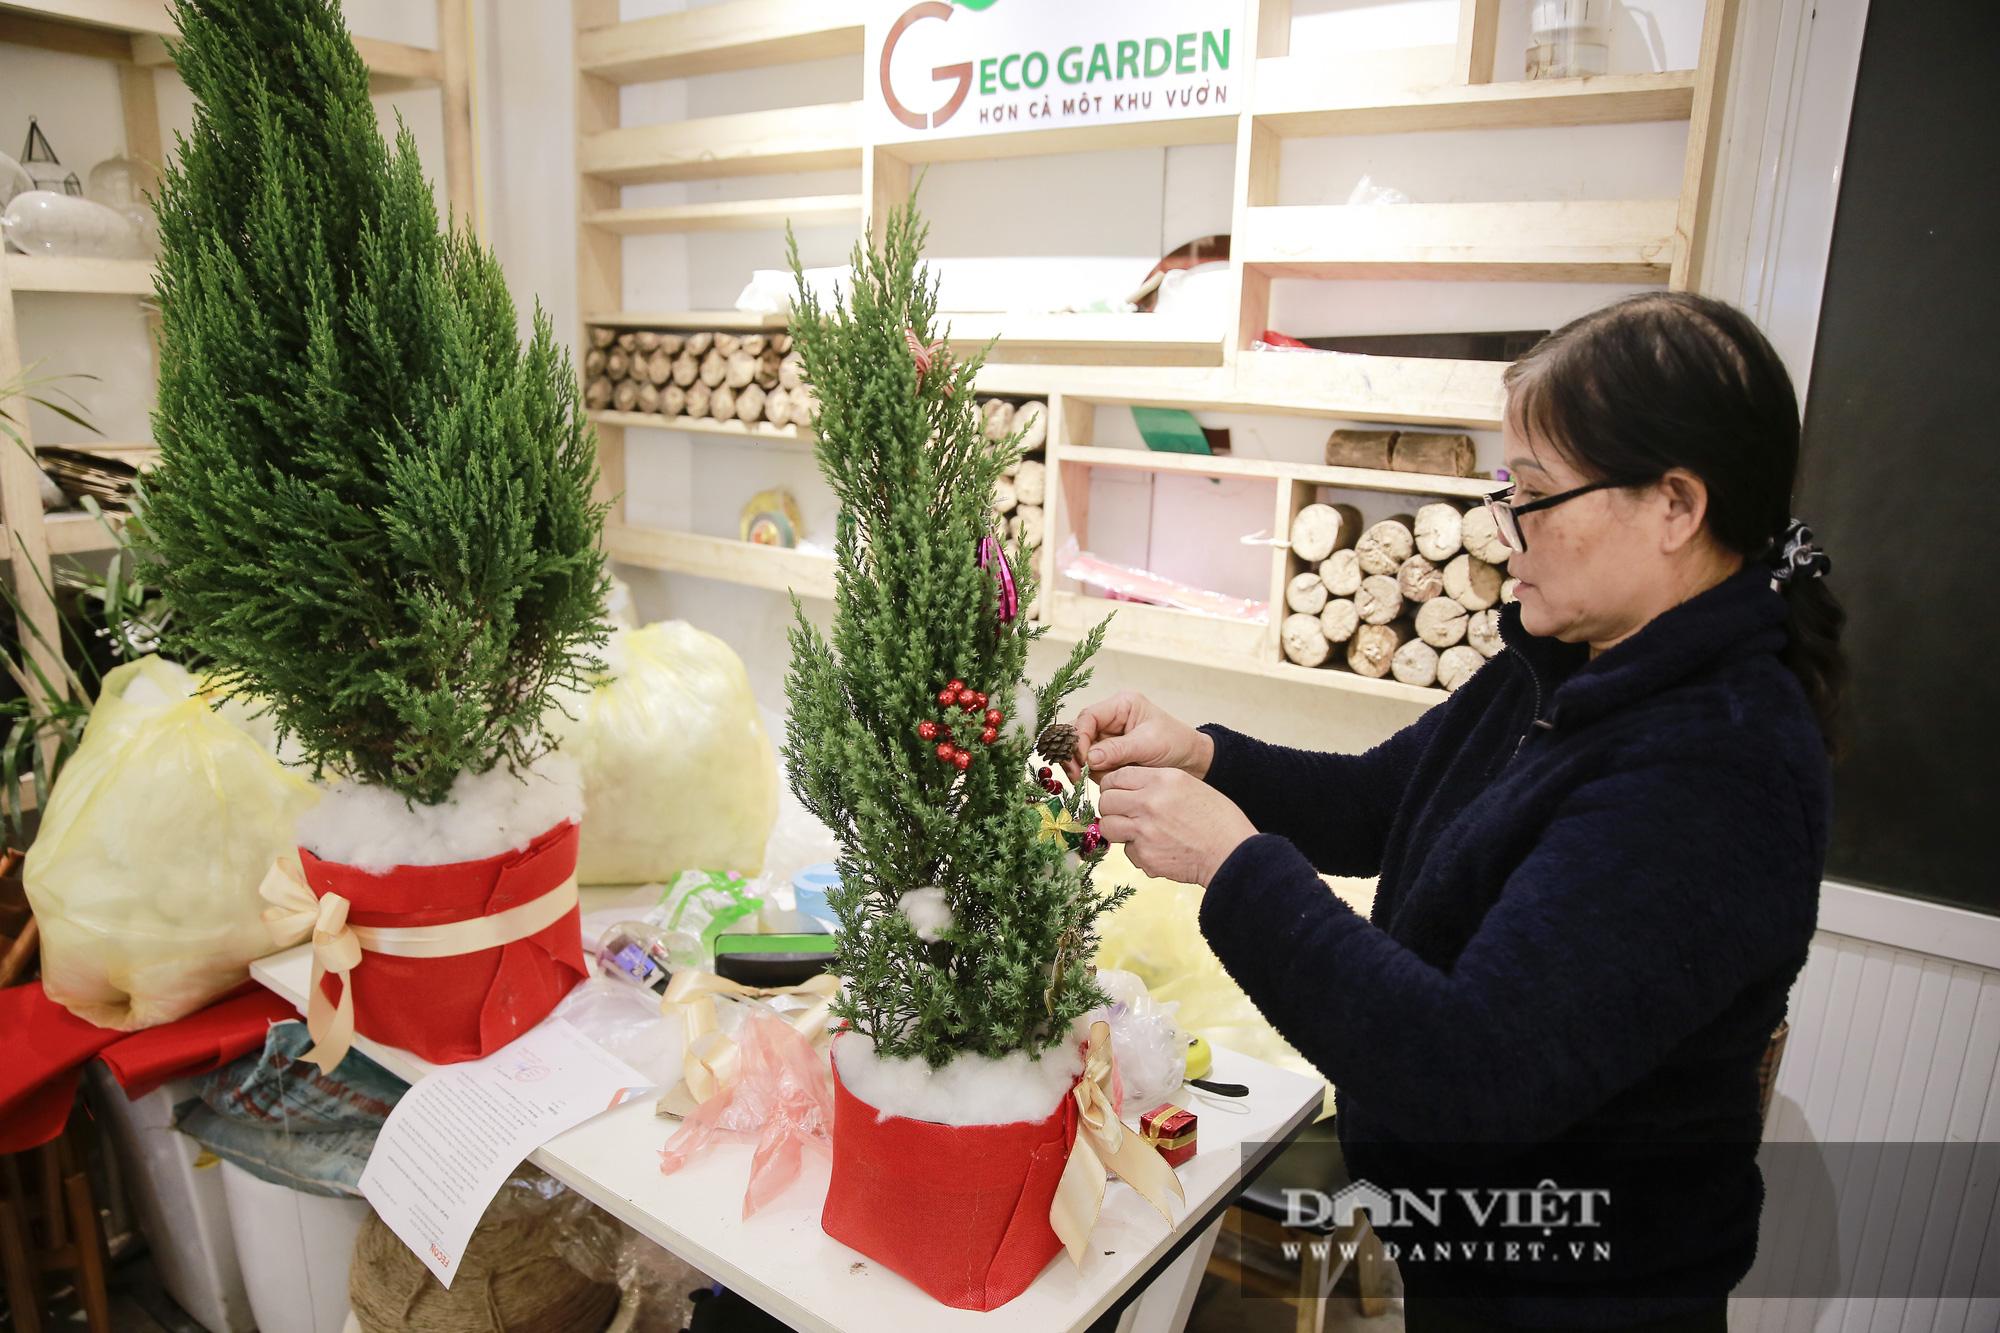 """Giá chỉ từ 100.000 đồng, """"bản sao"""" của cây thông thật đắt khách dịp Giáng sinh 2020 - Ảnh 8."""